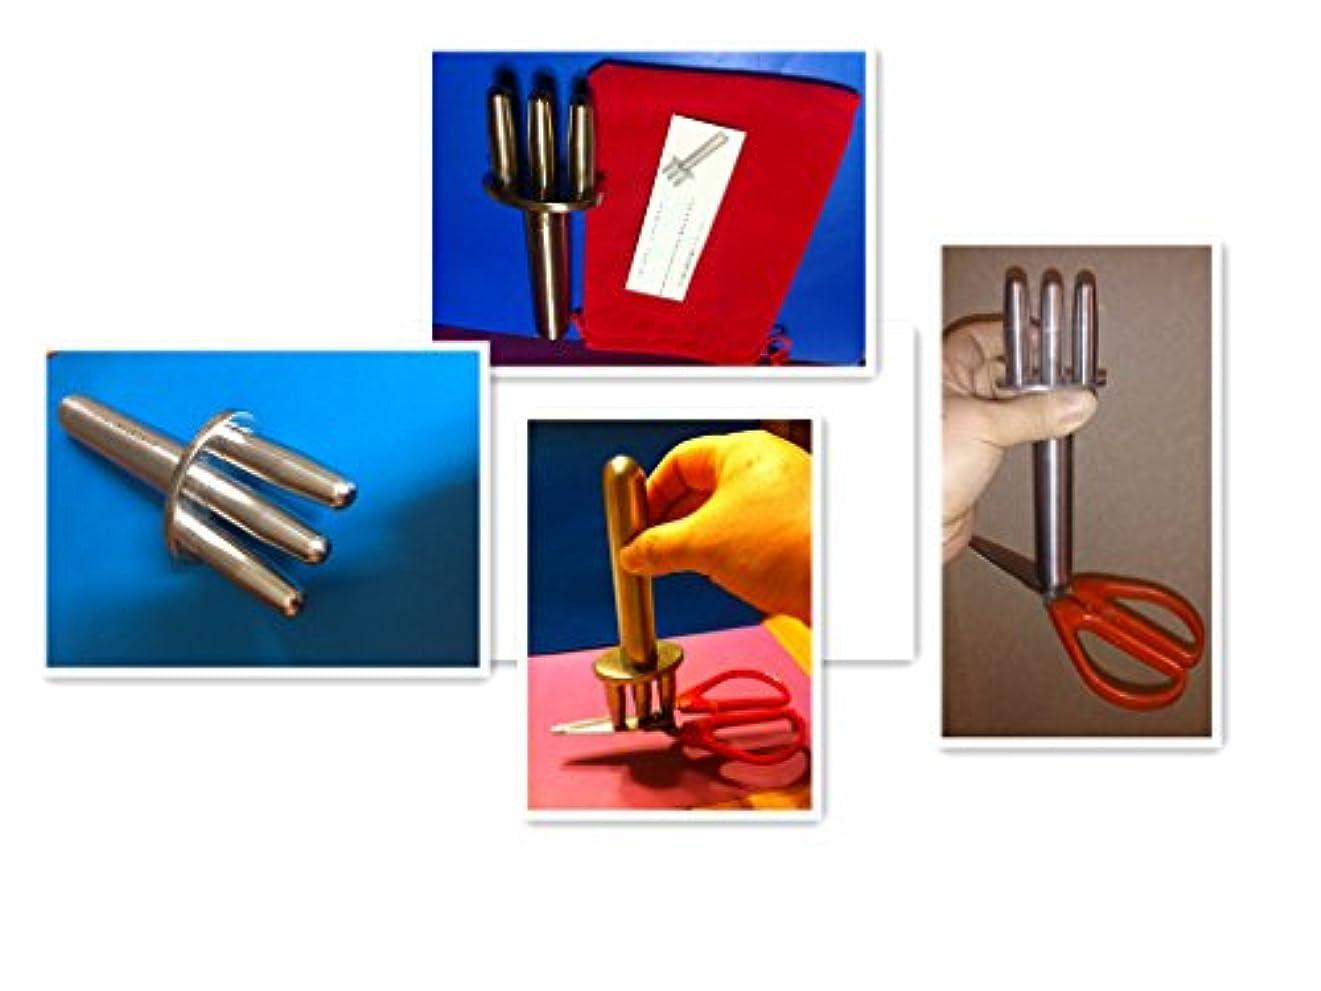 磁気聡明気質排酸術排酸棒ボディのマ排酸術磁力マッサジ棒Echo & Kern 陰極磁力排酸棒北極磁気マッサジ棒、磁気棒、ツボ押し棒 磁気 マッサージ棒 指圧棒 磁力がコリに直接当たる排酸術